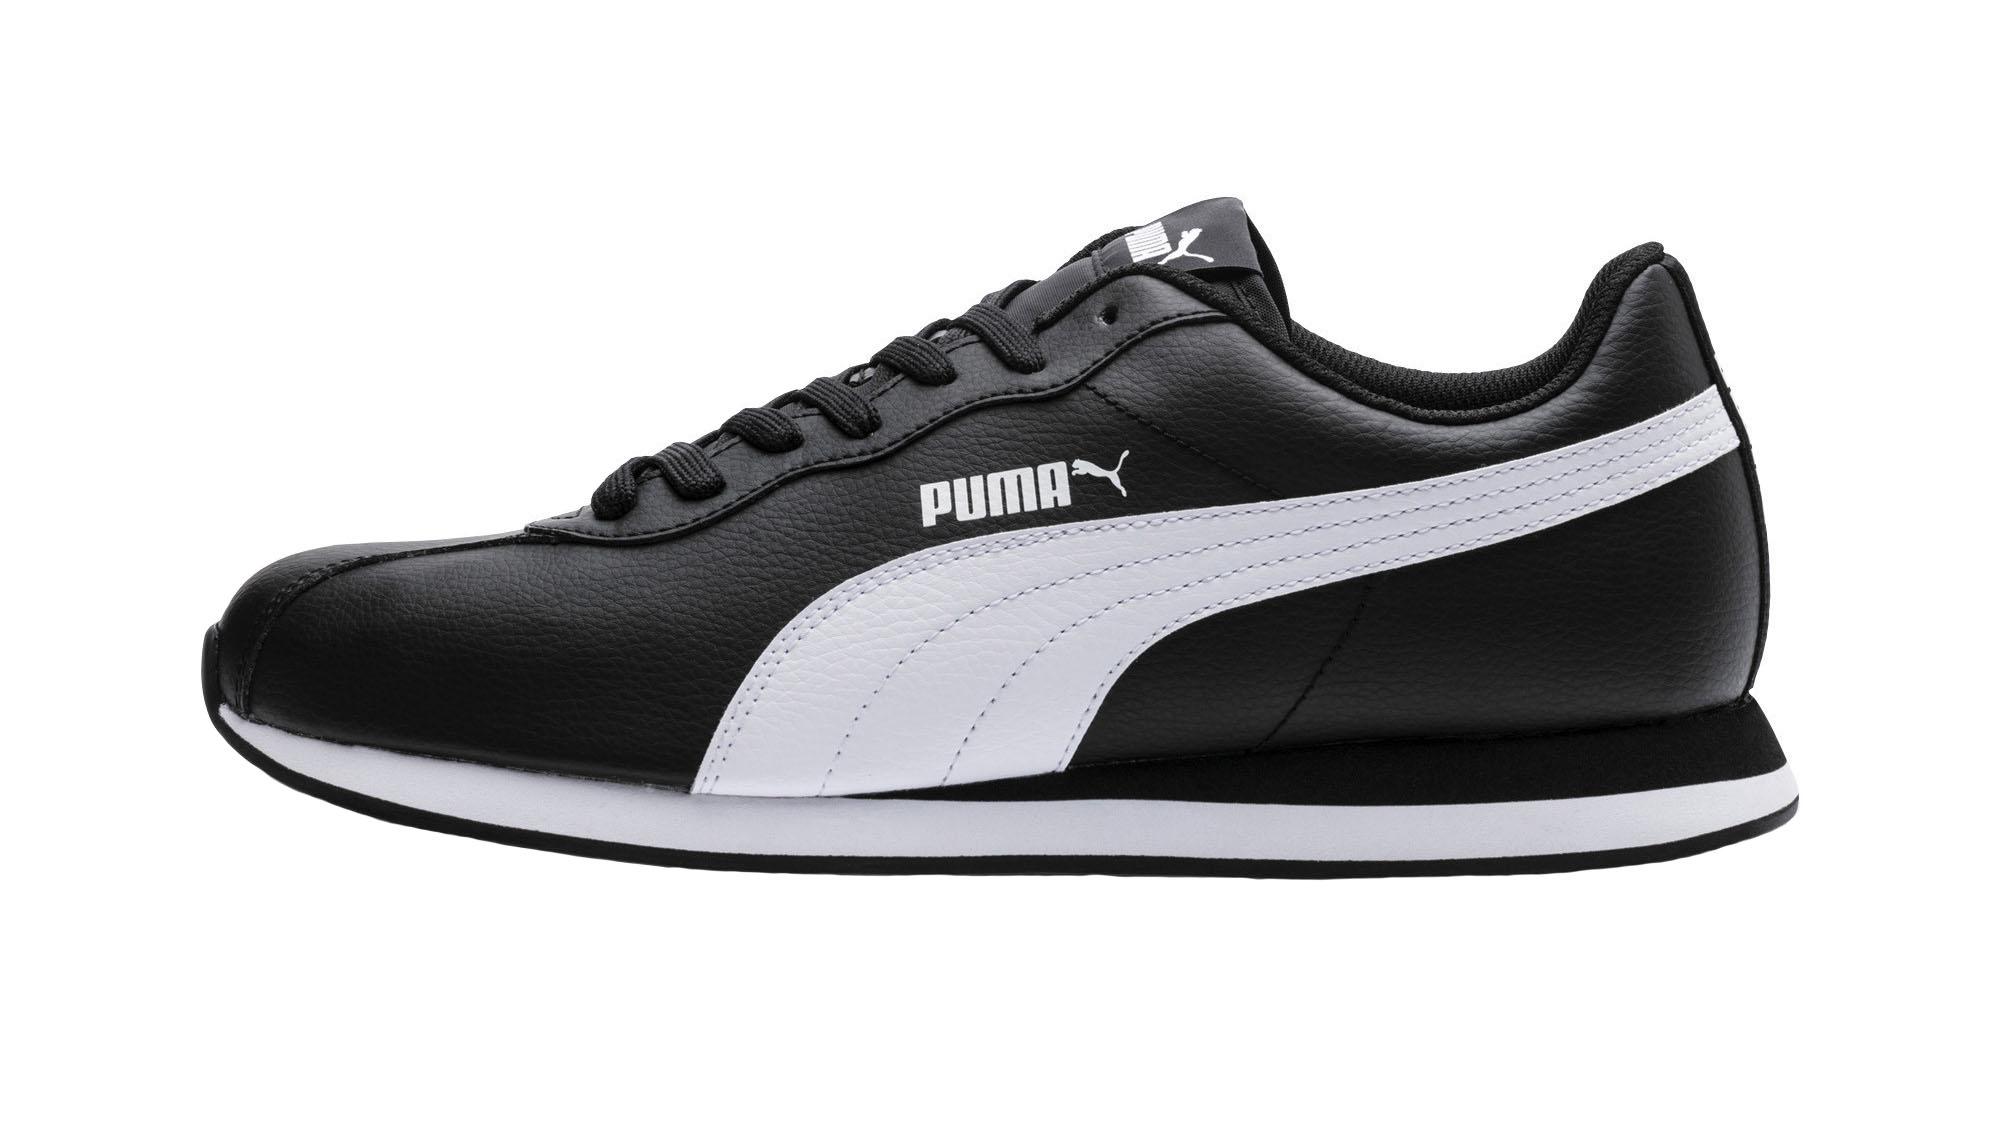 Кроссовки Puma Puma Turin II, black/white, 9 UK фото